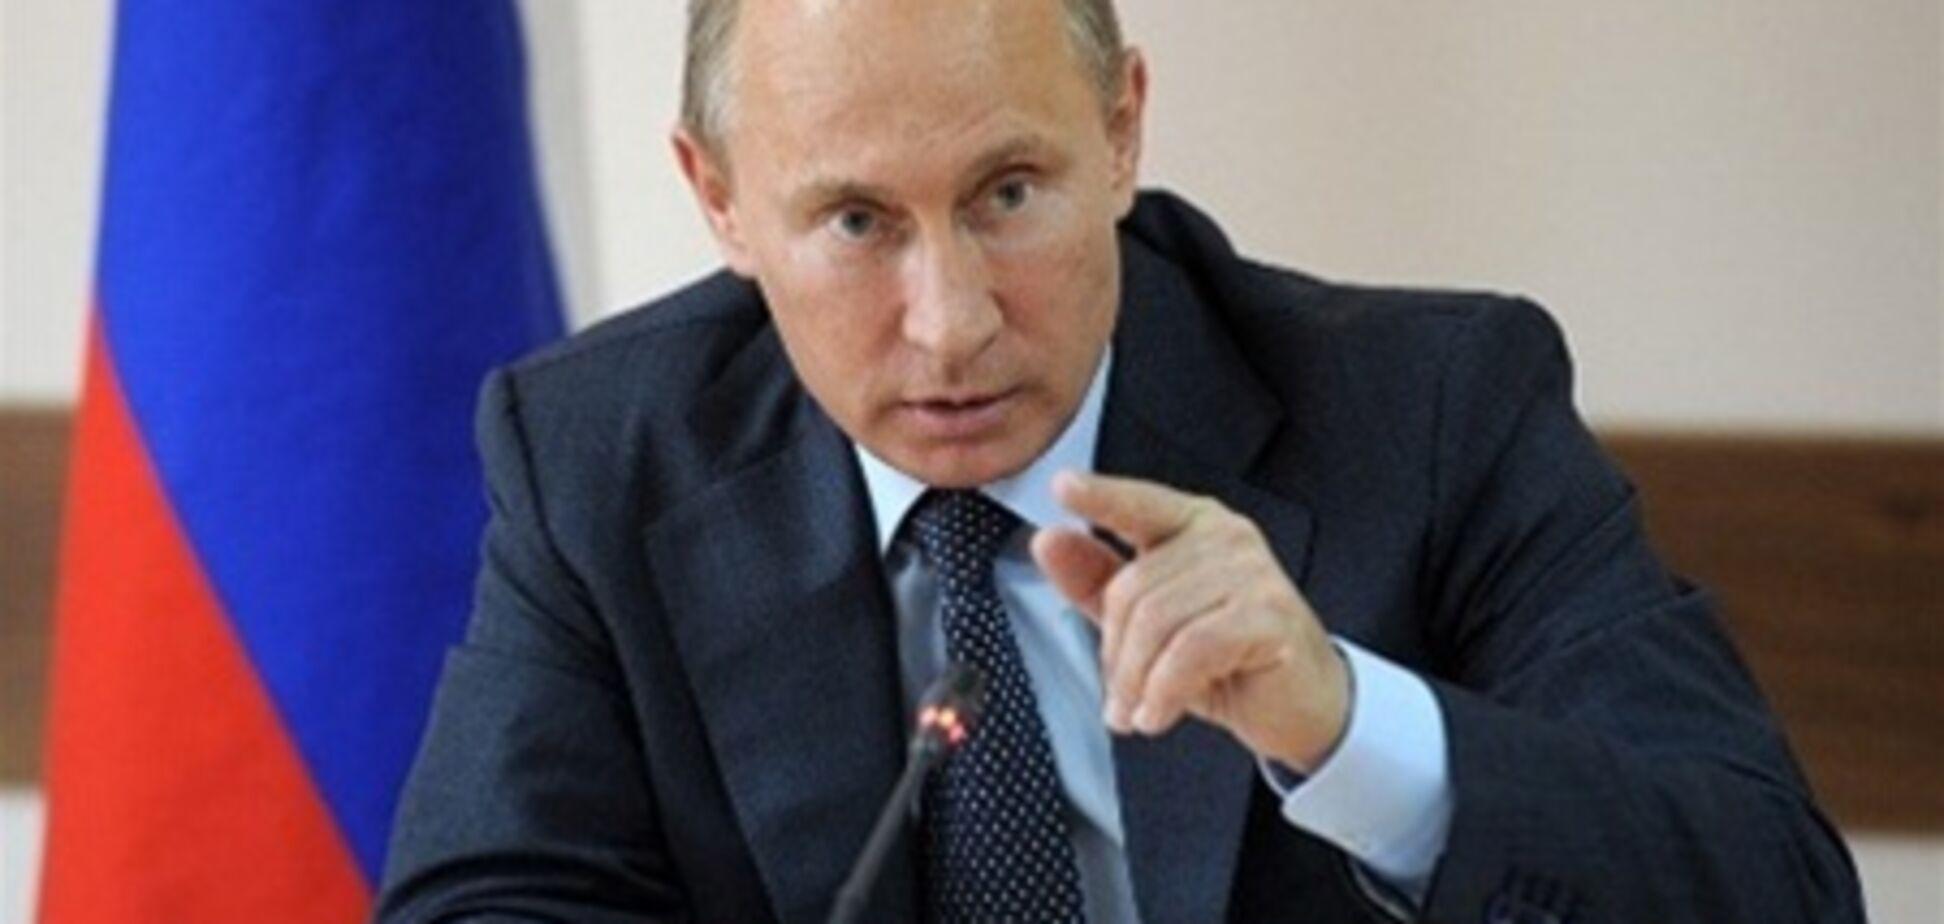 Путін готовий купити нове кільце бізнесменові з США